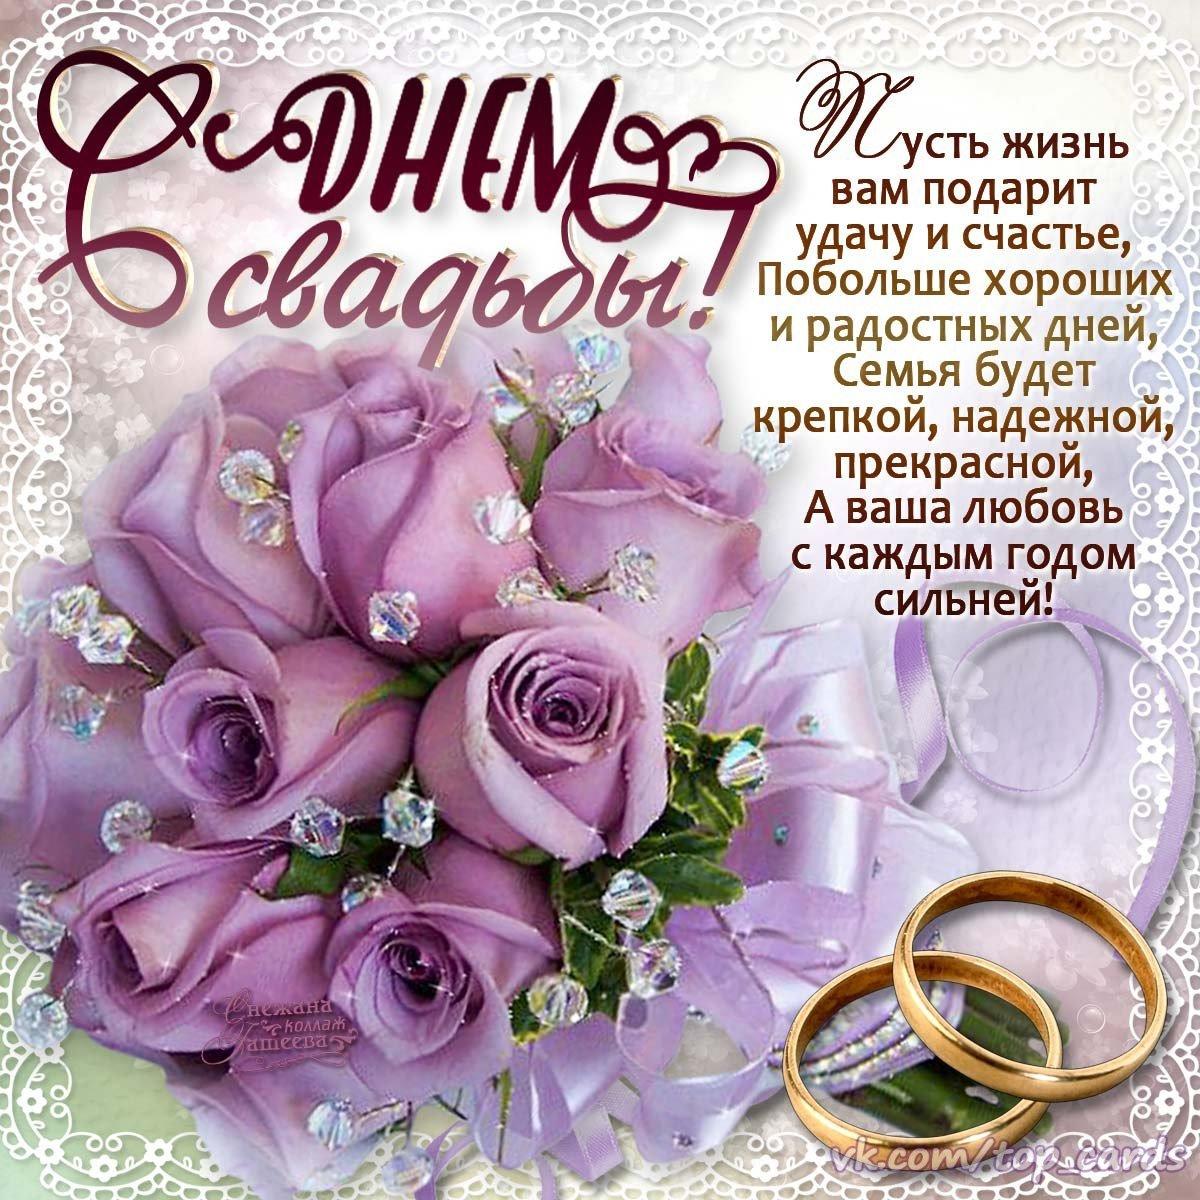 Открытка с поздравлениями к свадьбе, пожелания хороших